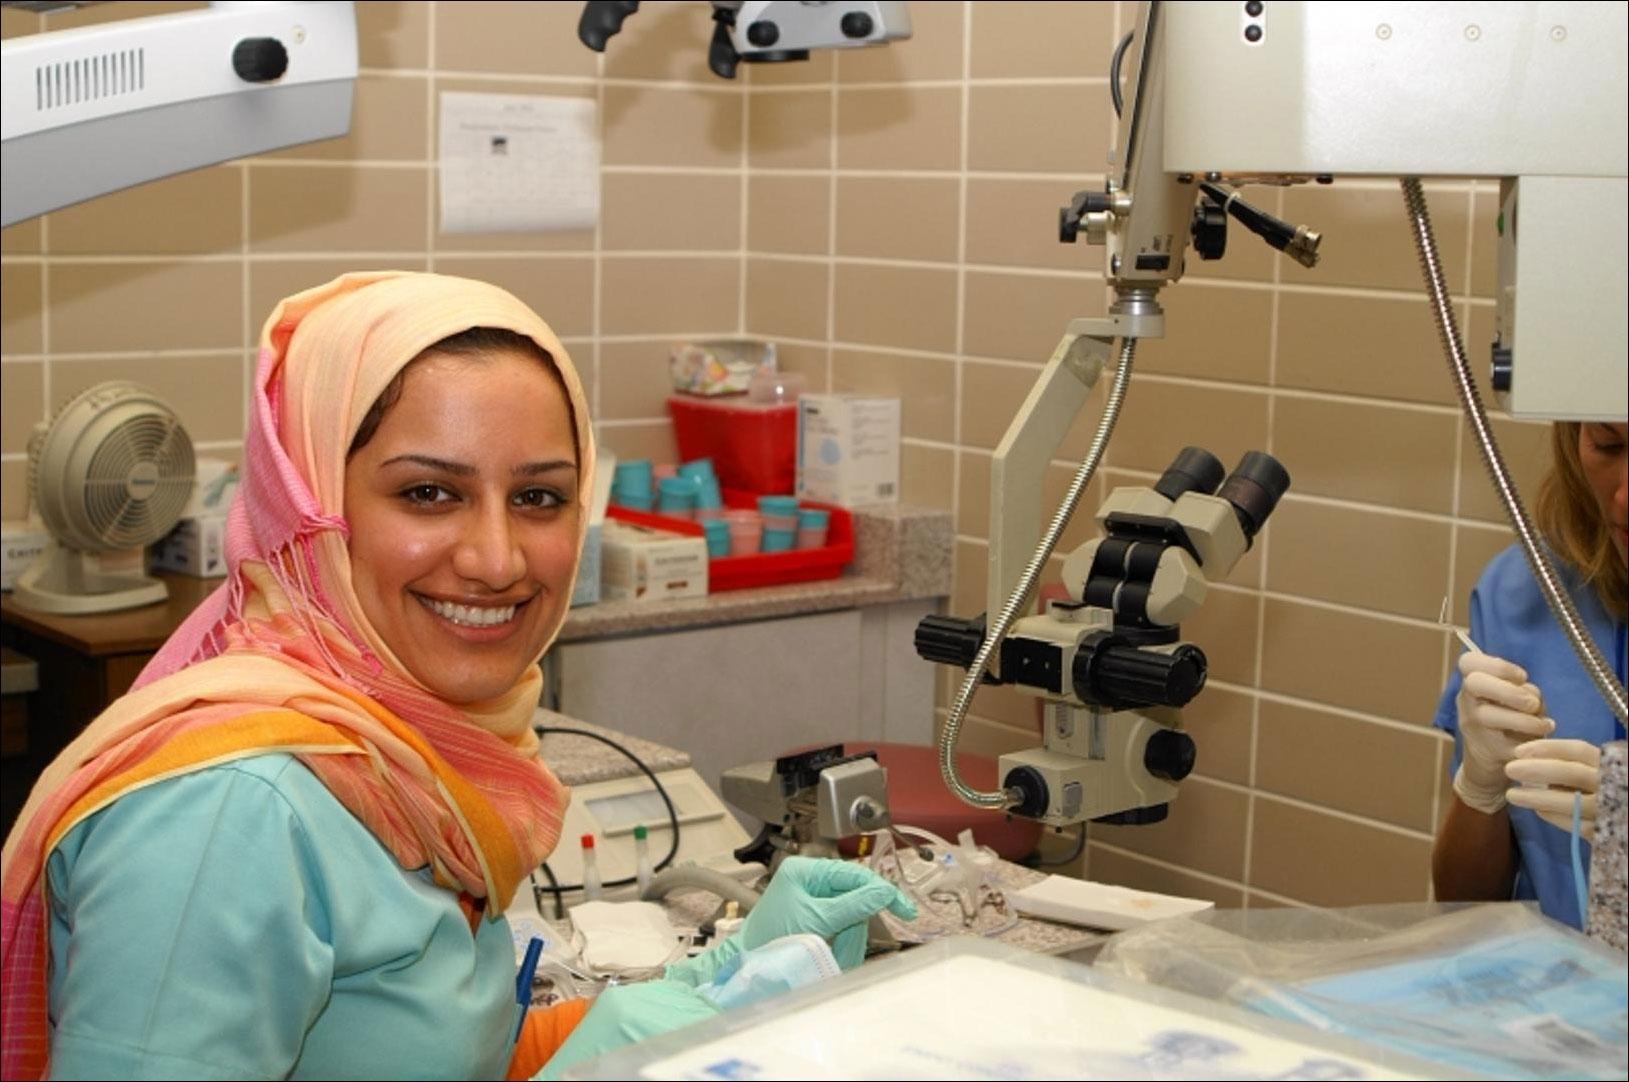 الحياة المهنية لرجاء بنت عبد الله الصانع